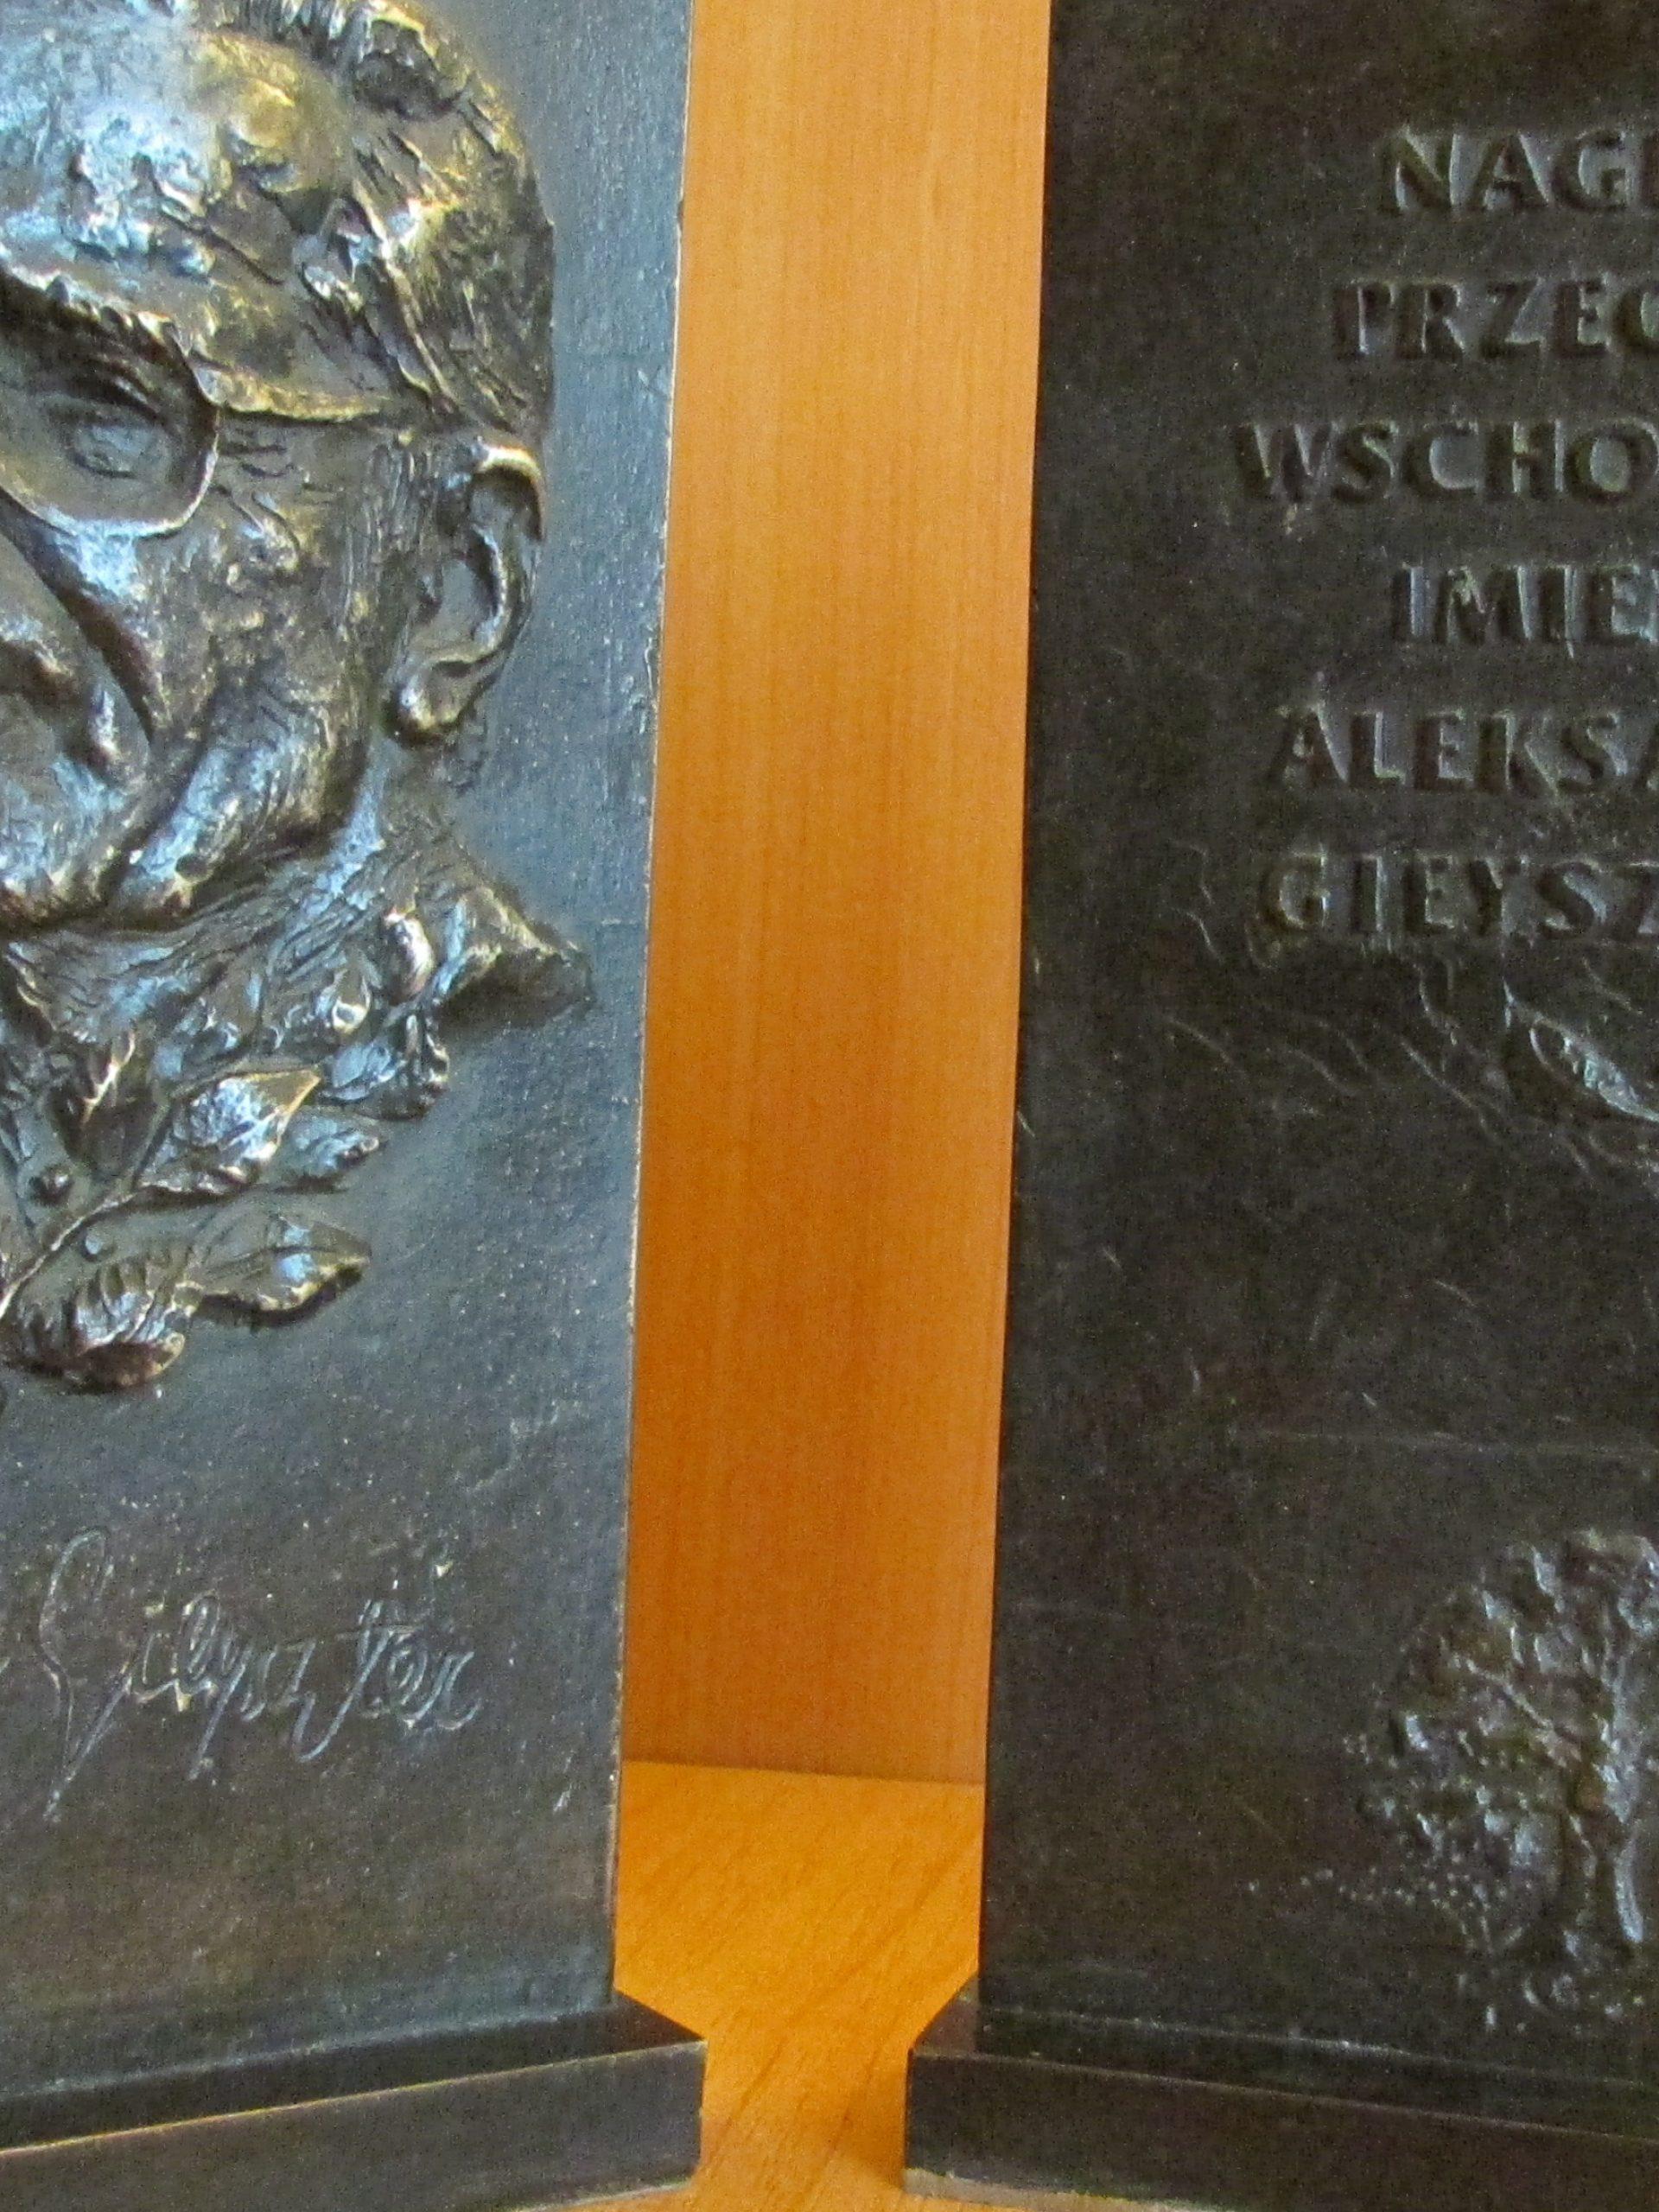 Statuetka Nagrody Przeglądu Wschodniego im. Aleksandra Gieysztora